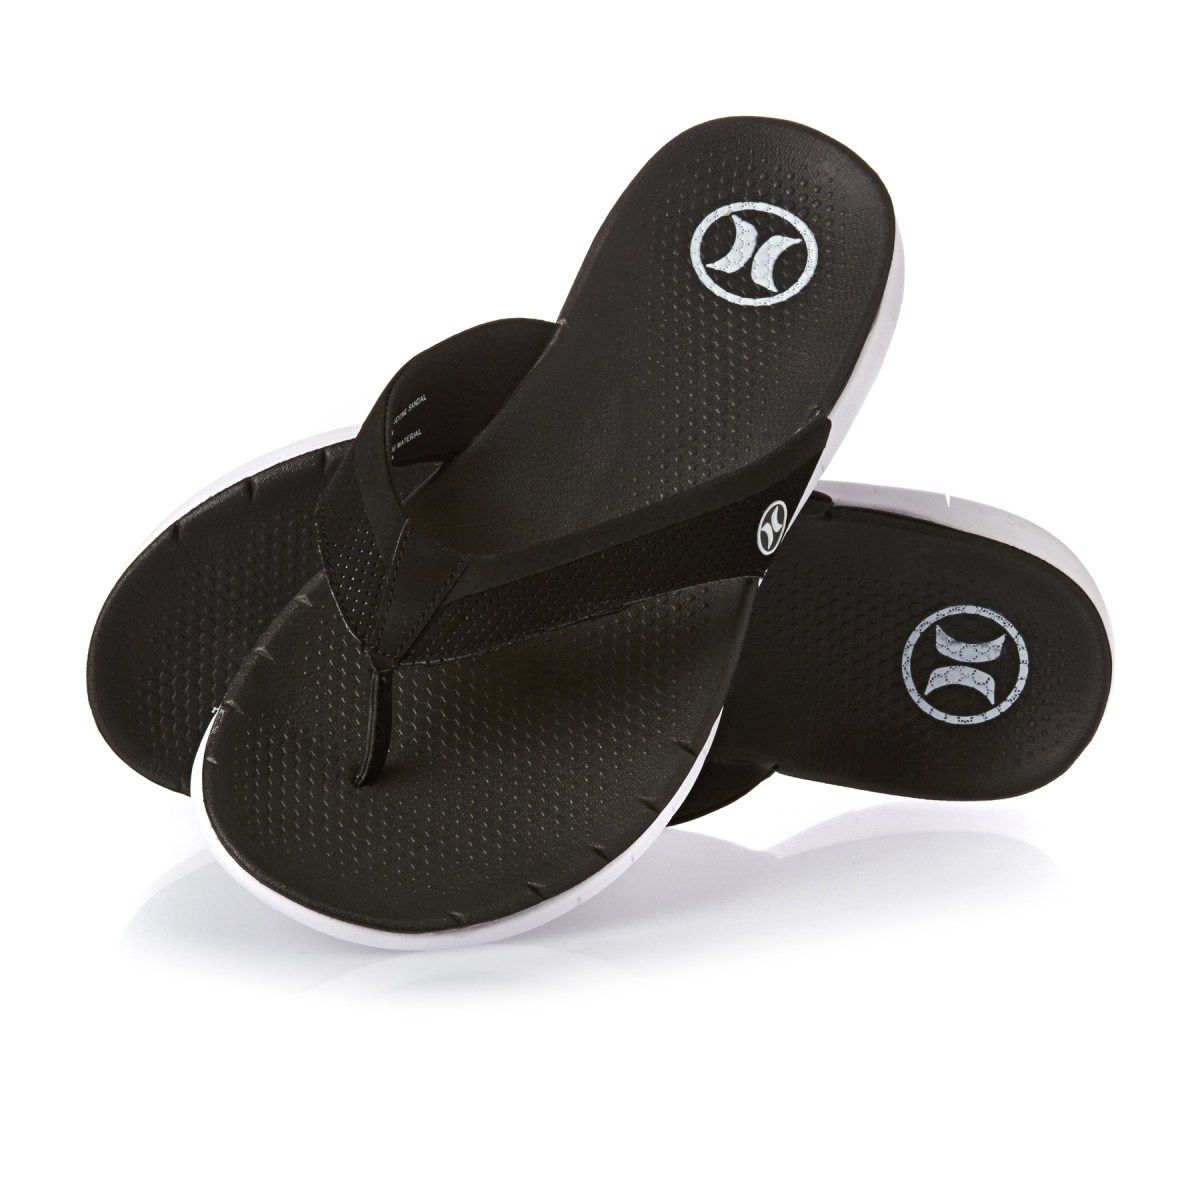 475223233 Men s Hurley Flip Flops - Hurley Phantom Free Sandal Flip Flops - Black  white